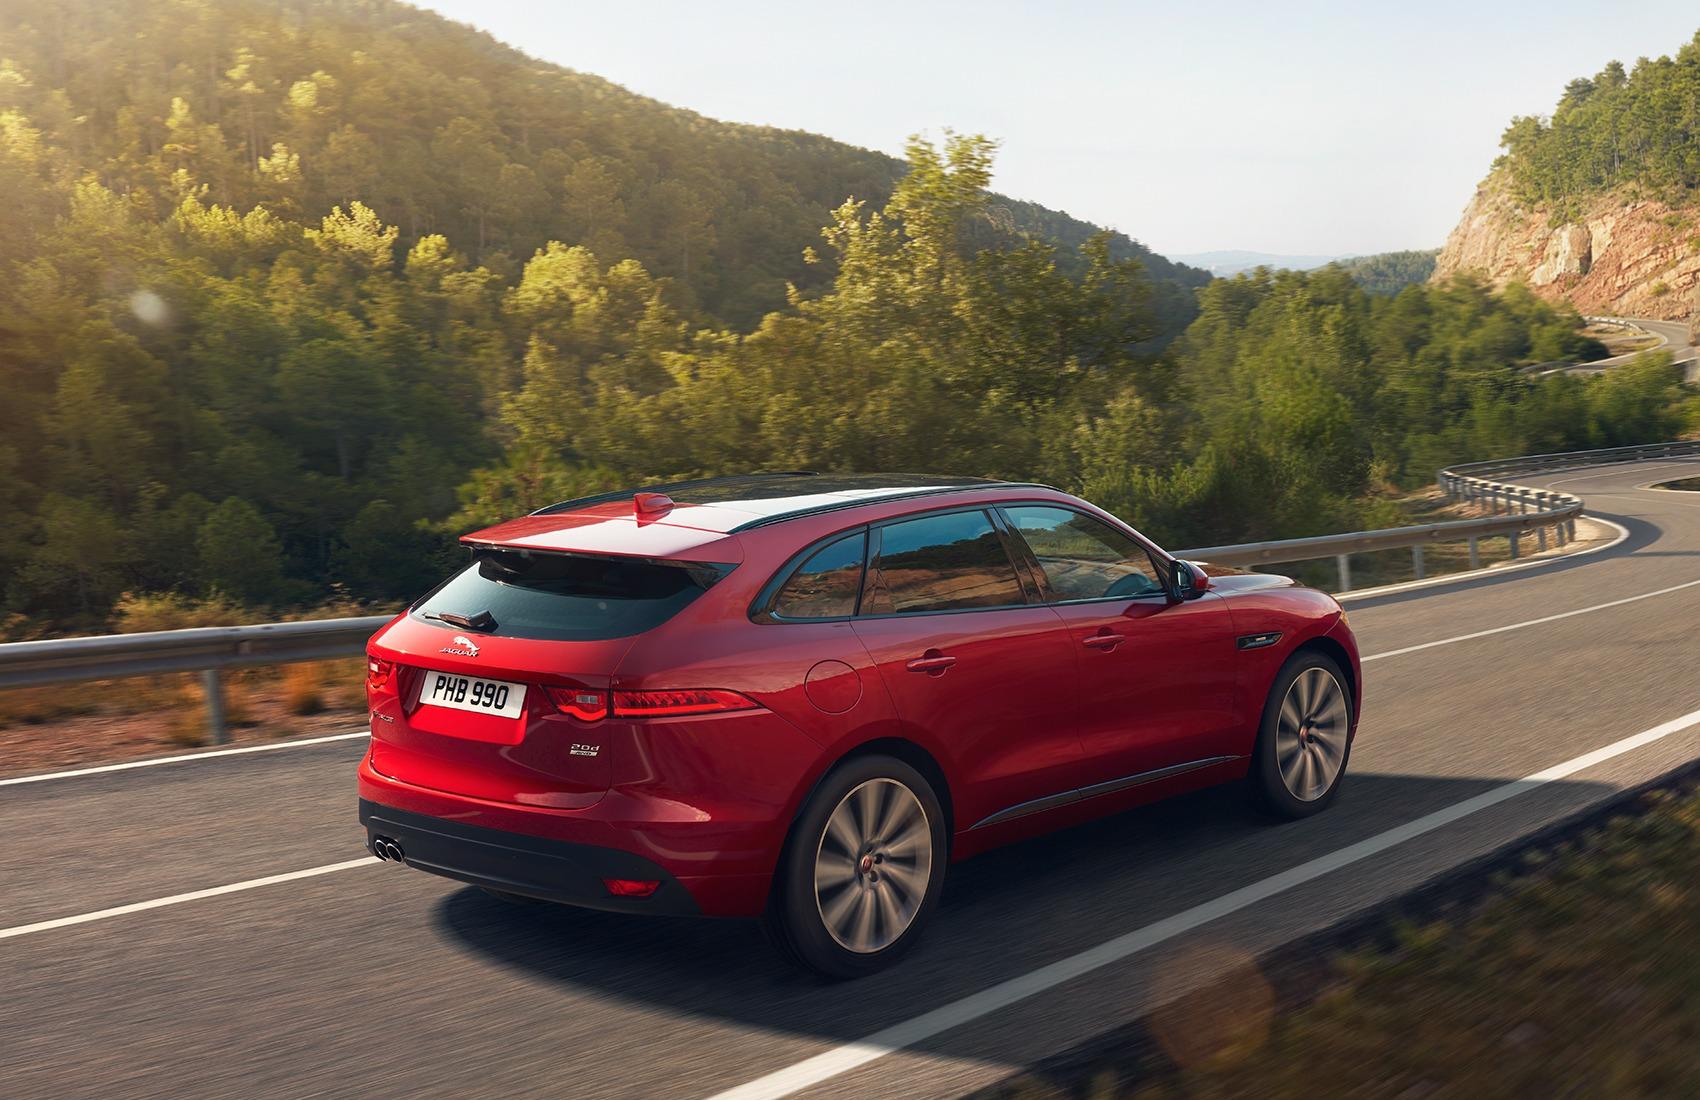 Descopera oferta Jaguar F-Pace!